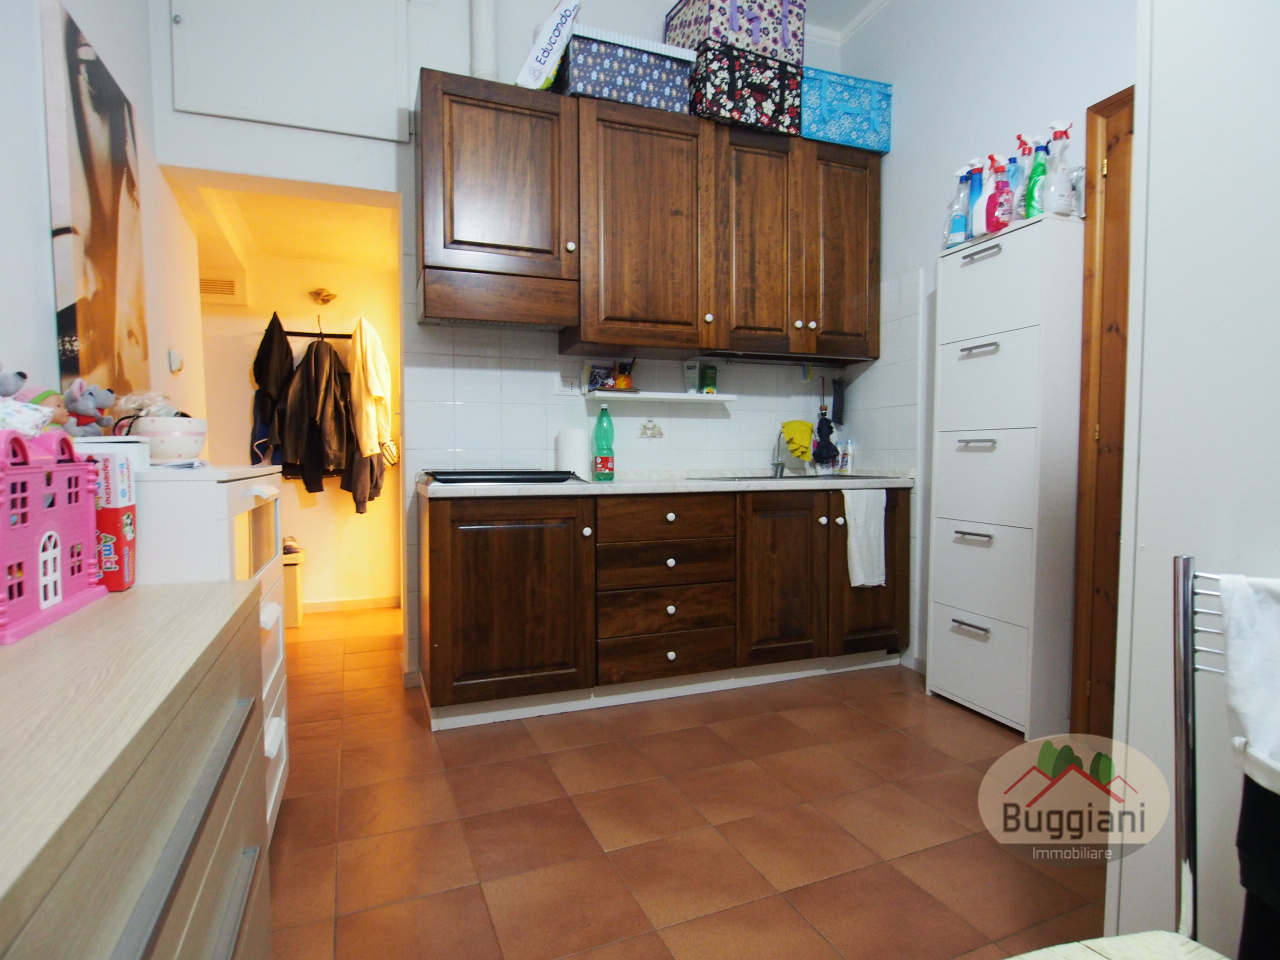 Appartamento in vendita RIF. 1840, San Miniato (PI)